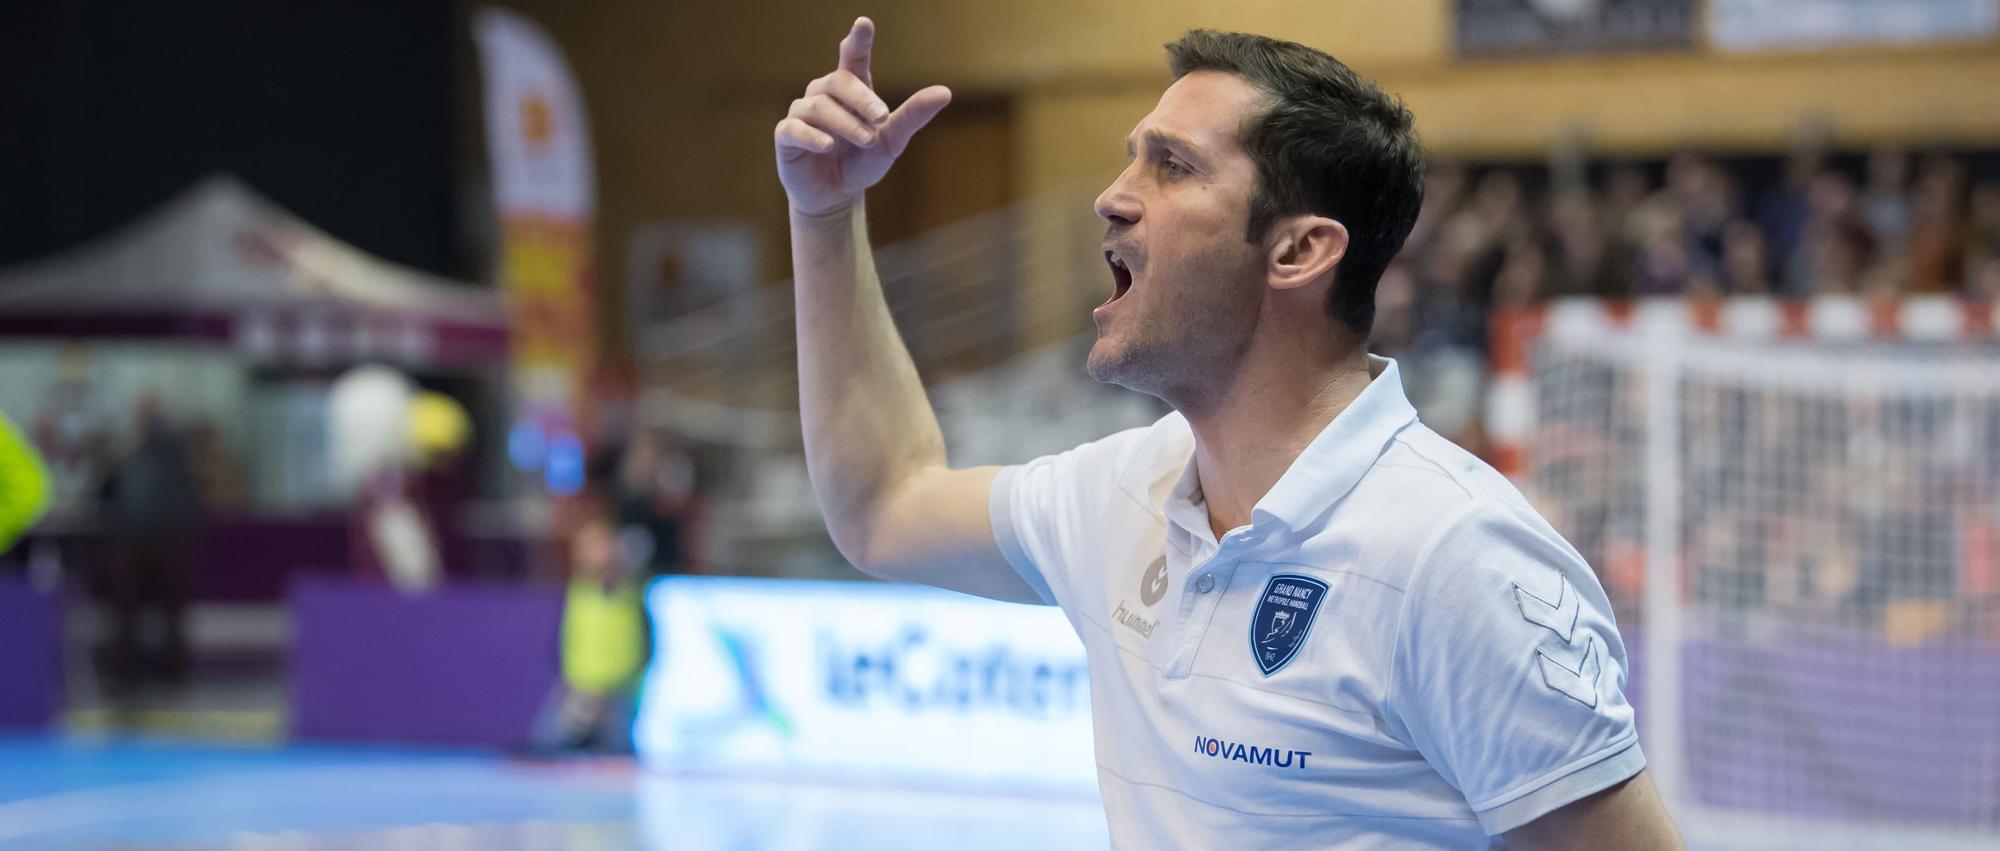 Ancien joueur professionnel et international français, Stéphane Plantin est aujourd'hui entraîneur à Nancy, en Proligue